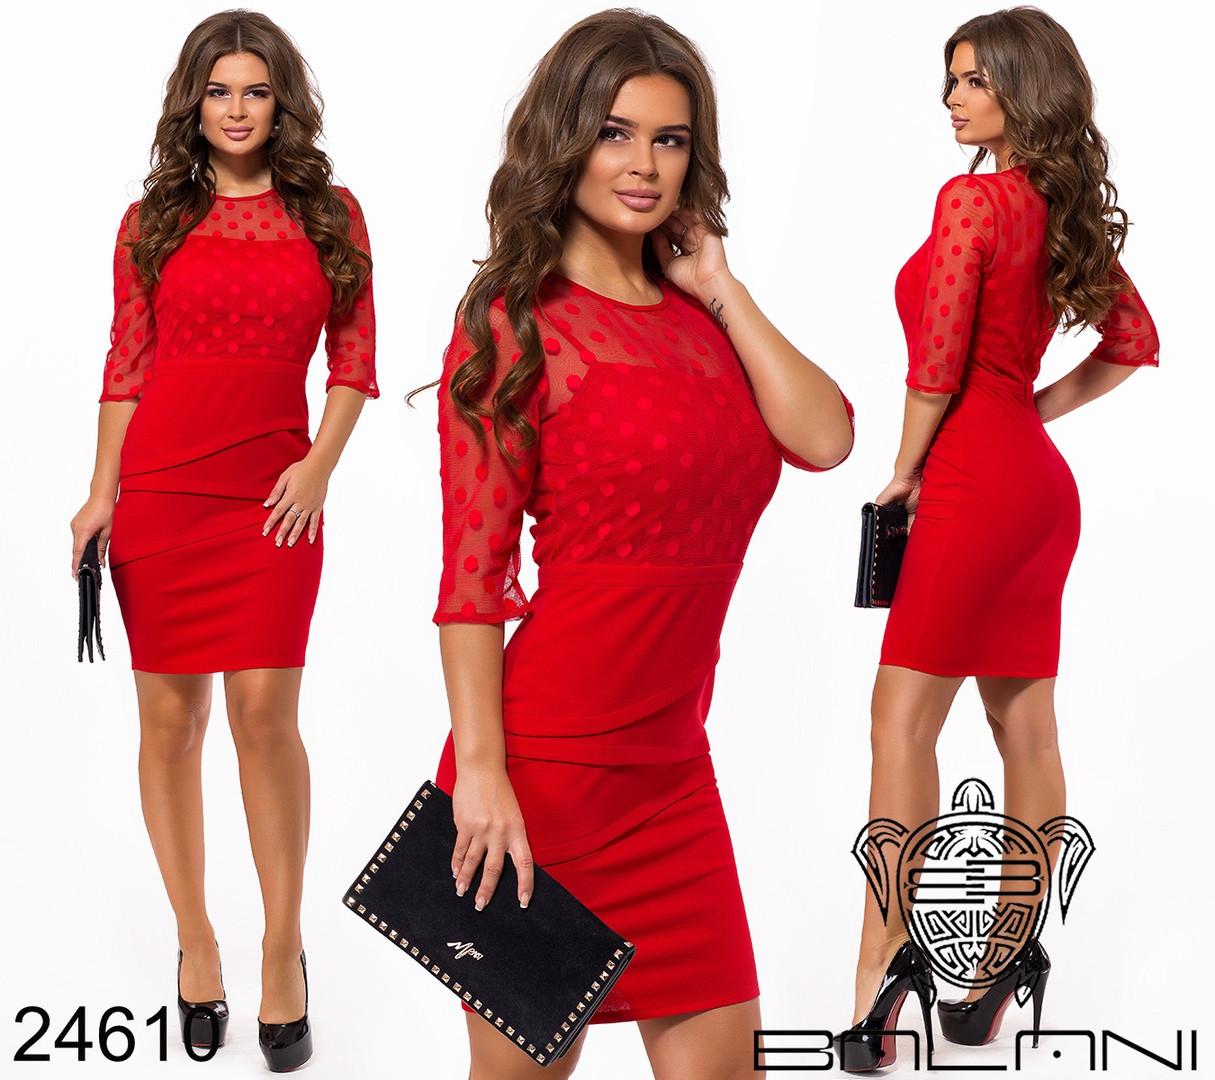 6eebb6d9d02 Нарядное облегающее платье футляр Balani вставка сетка раз. 42